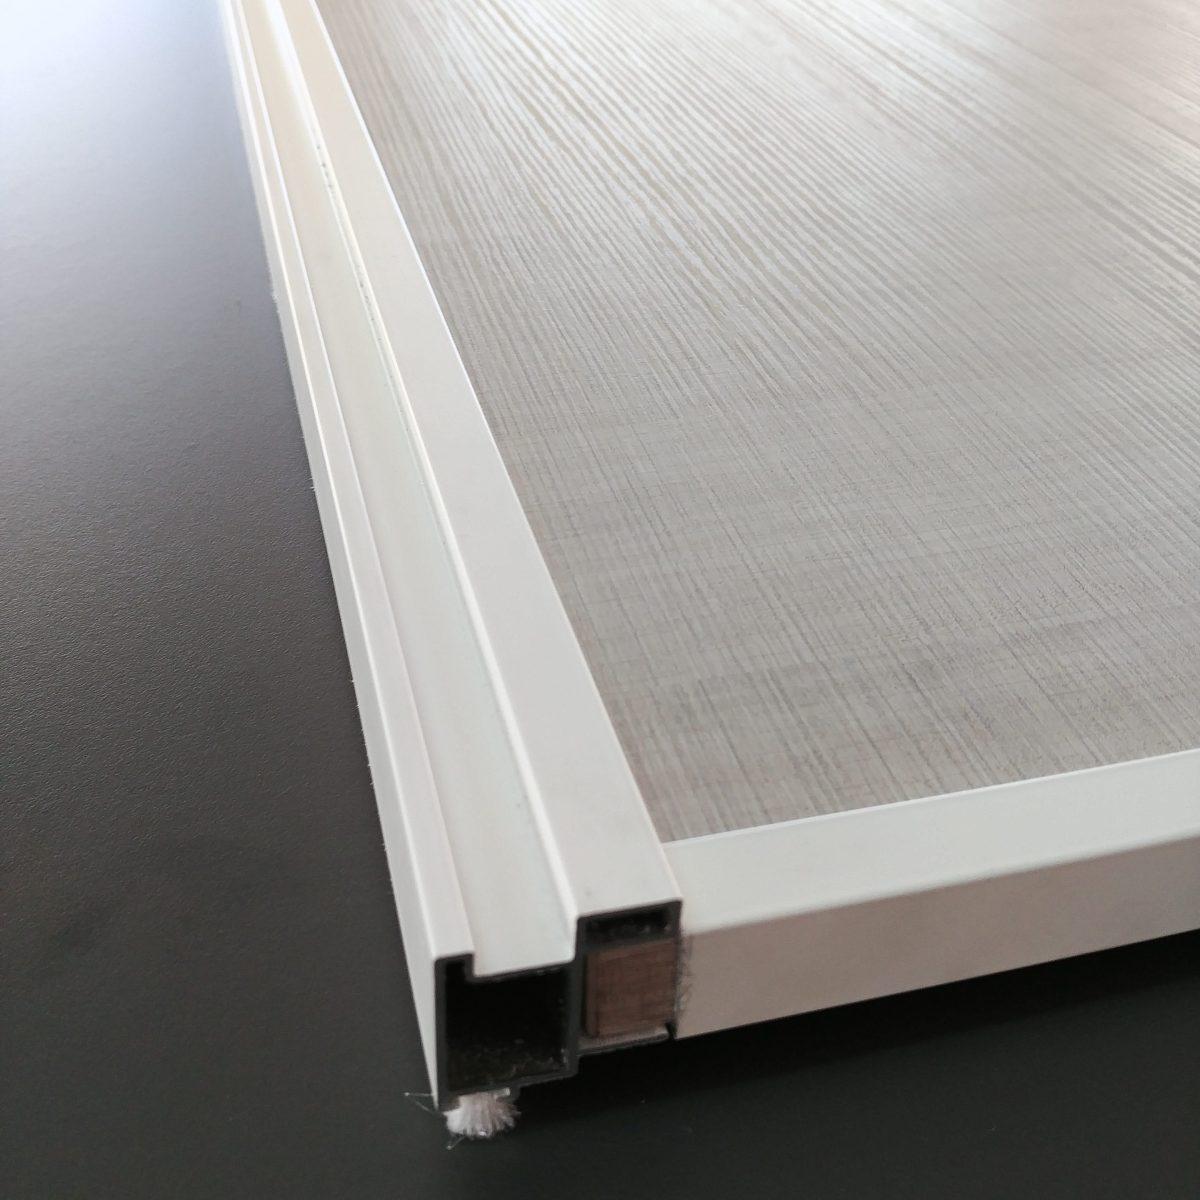 Kit puerta corredera armario taringa blanco g80 cat logo - Kits puertas correderas armarios ...